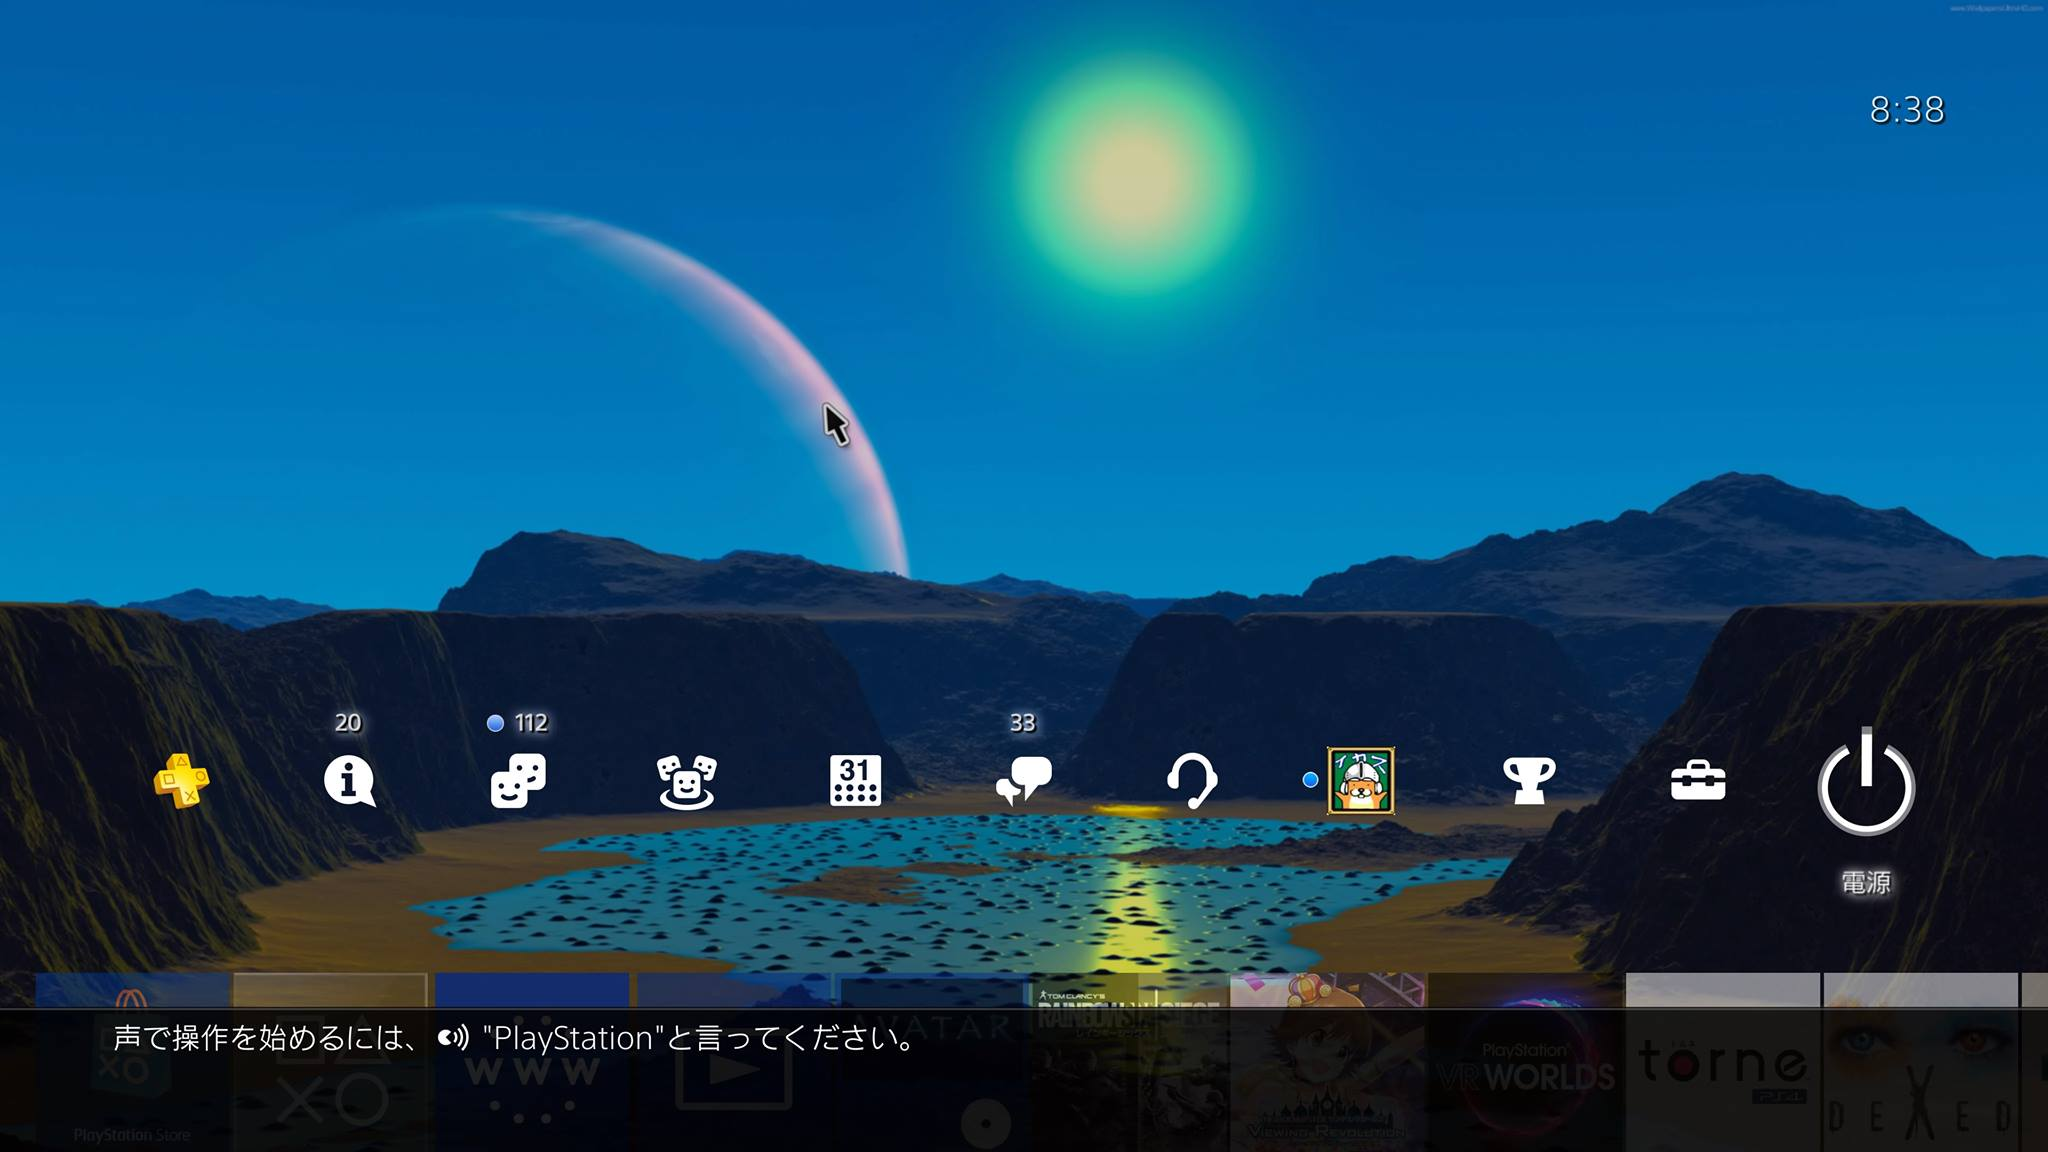 神アプデ Ps4システムソフトウェアver4 50 B で好きな画像を壁紙に設定する方法 ゲームかなー